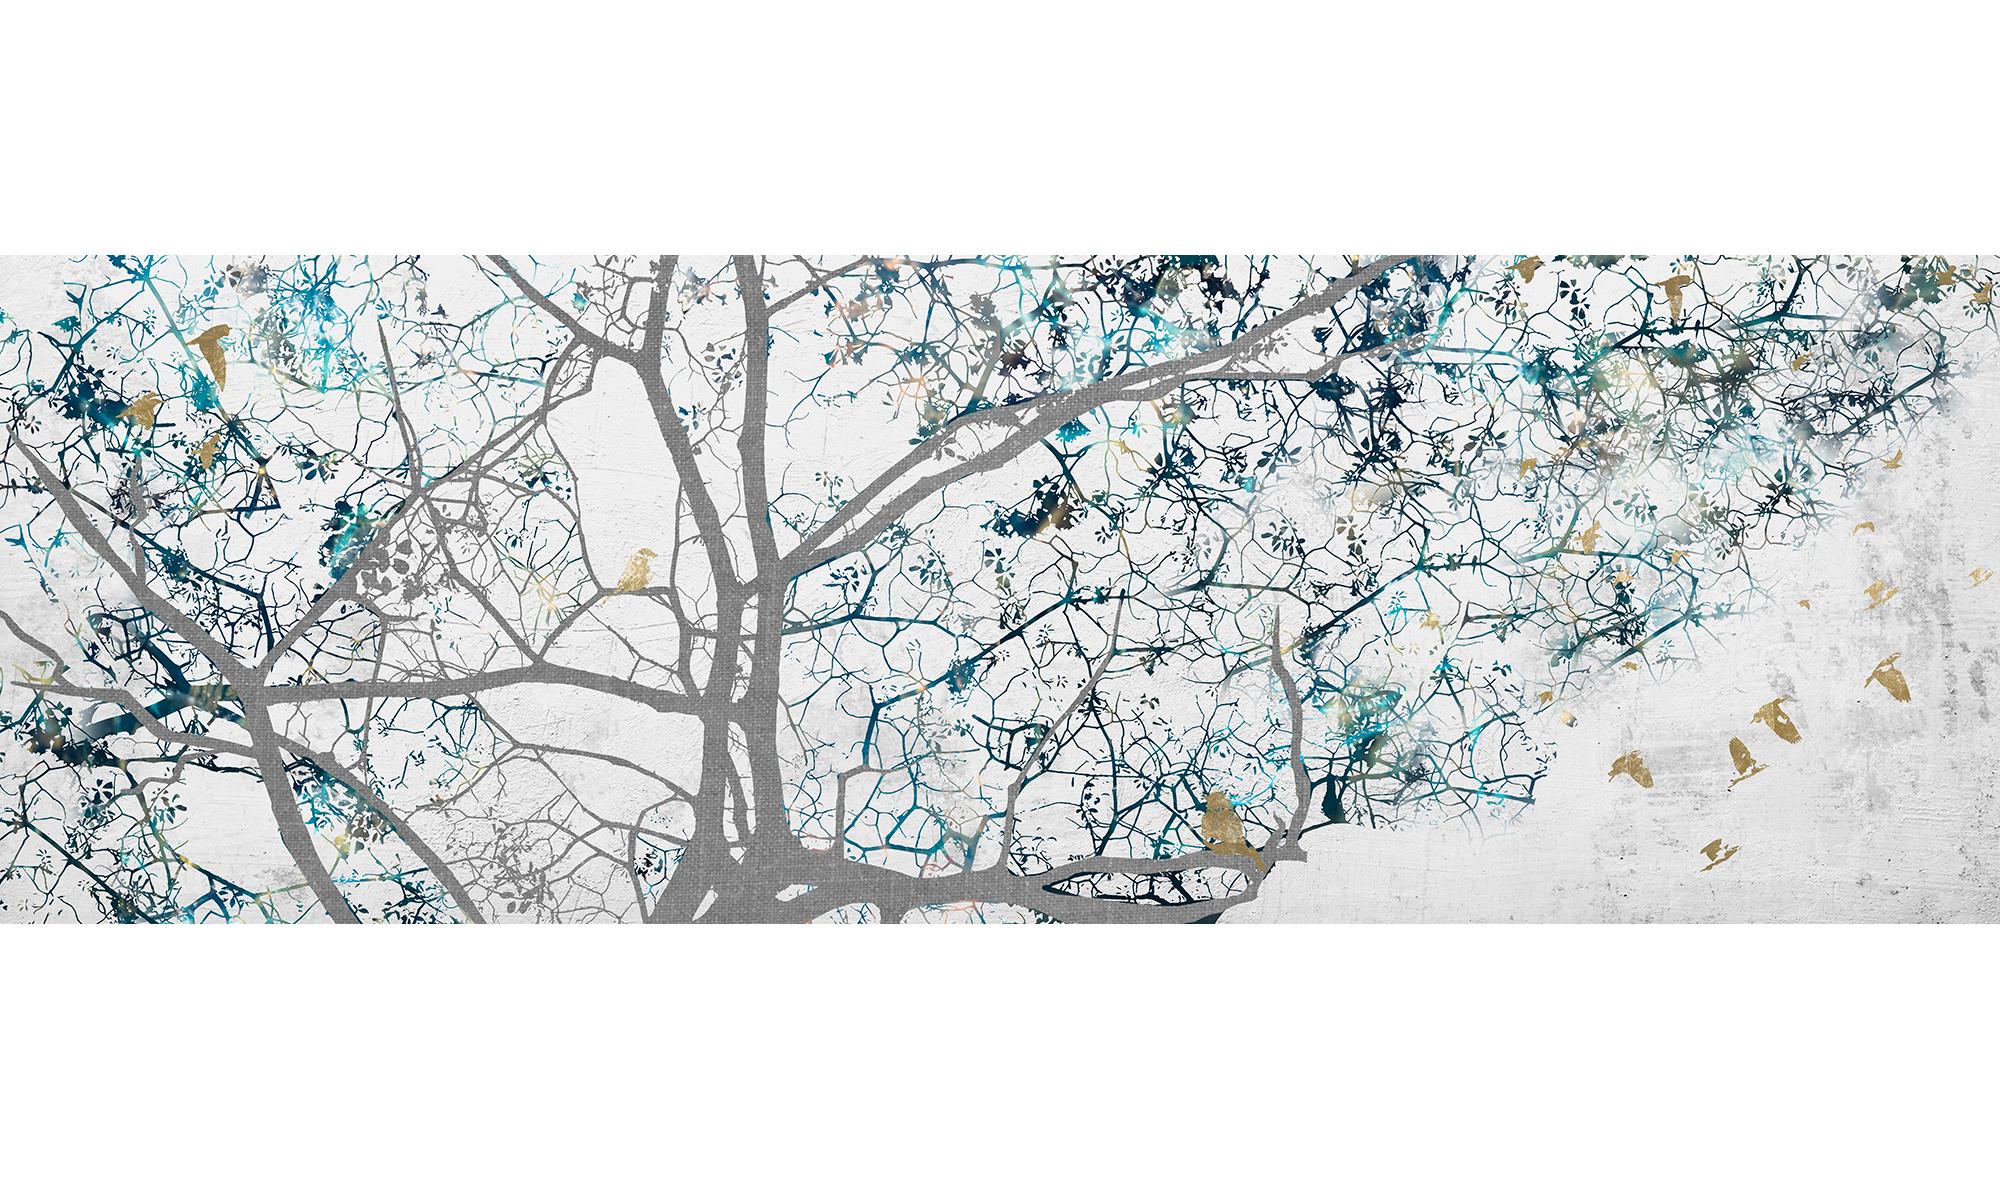 -Cuadro Ramas árbol Fondo Blanco Roto Con Aves En